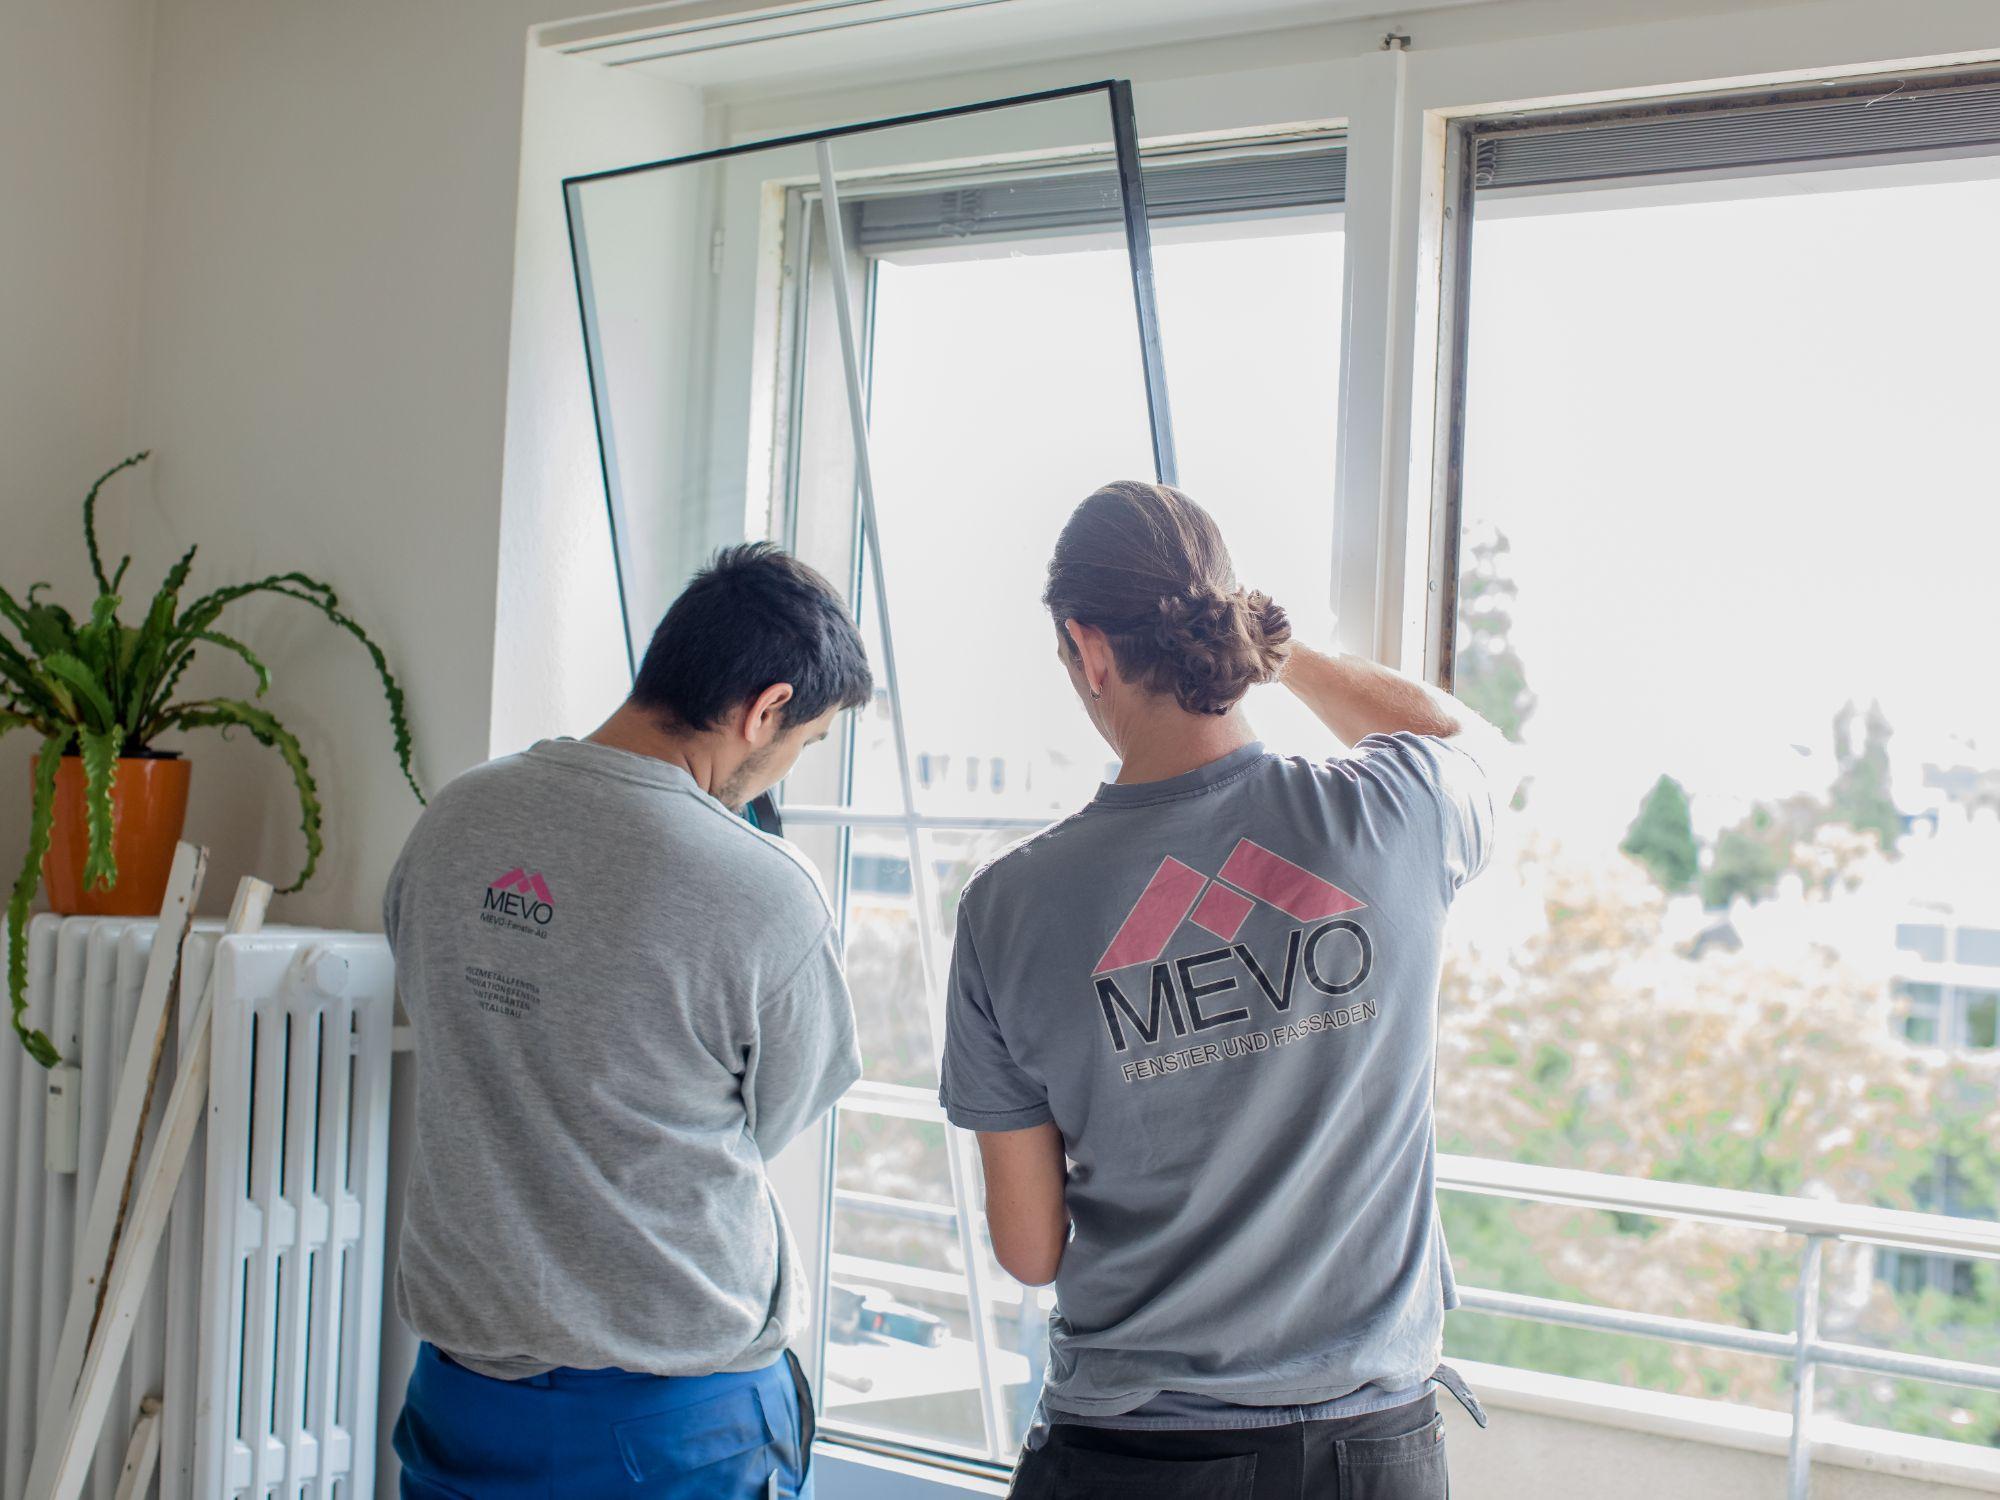 Zwei Mitarbeiter der Mevo-Fenster AG beim montieren eines Fensters